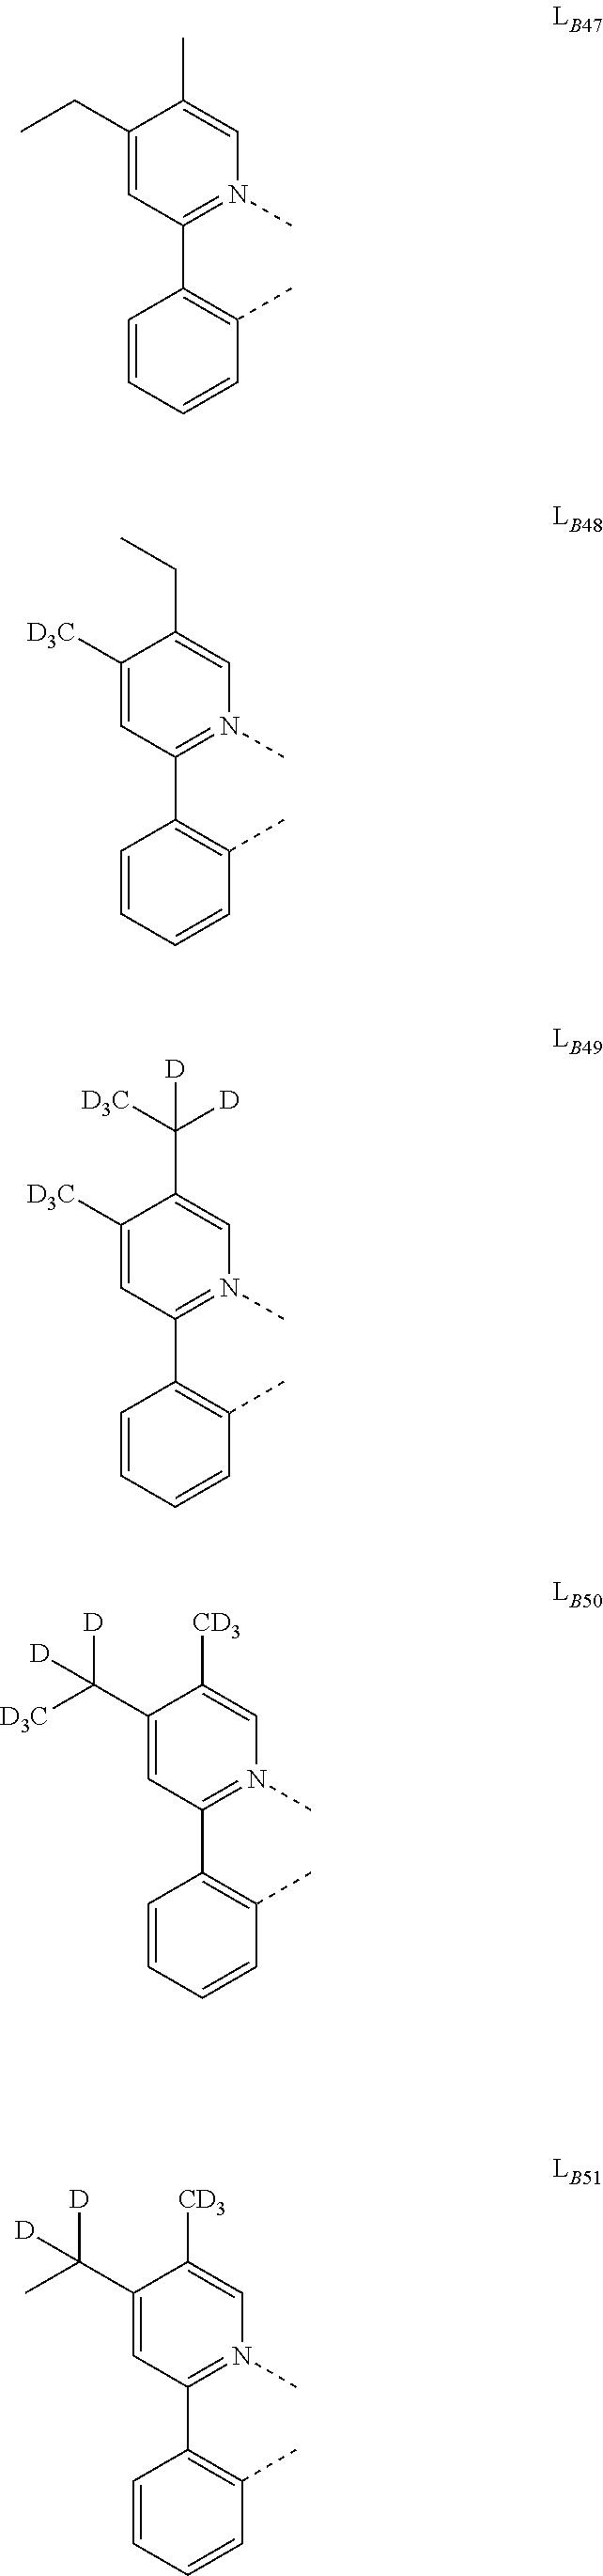 Figure US09929360-20180327-C00046